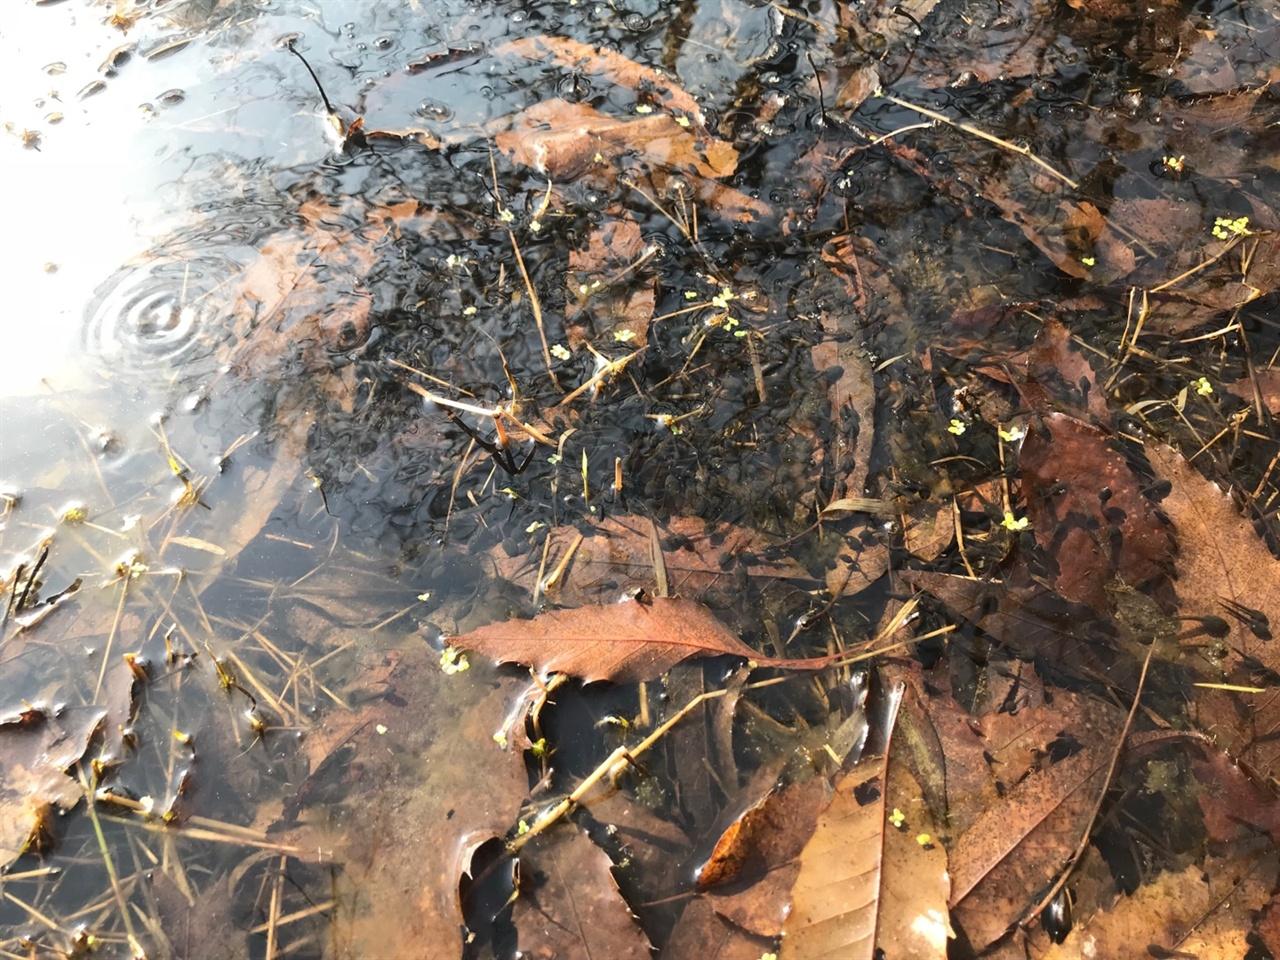 지난해 만들어 놓은 습지에 번식한 산개구리 올챙이들